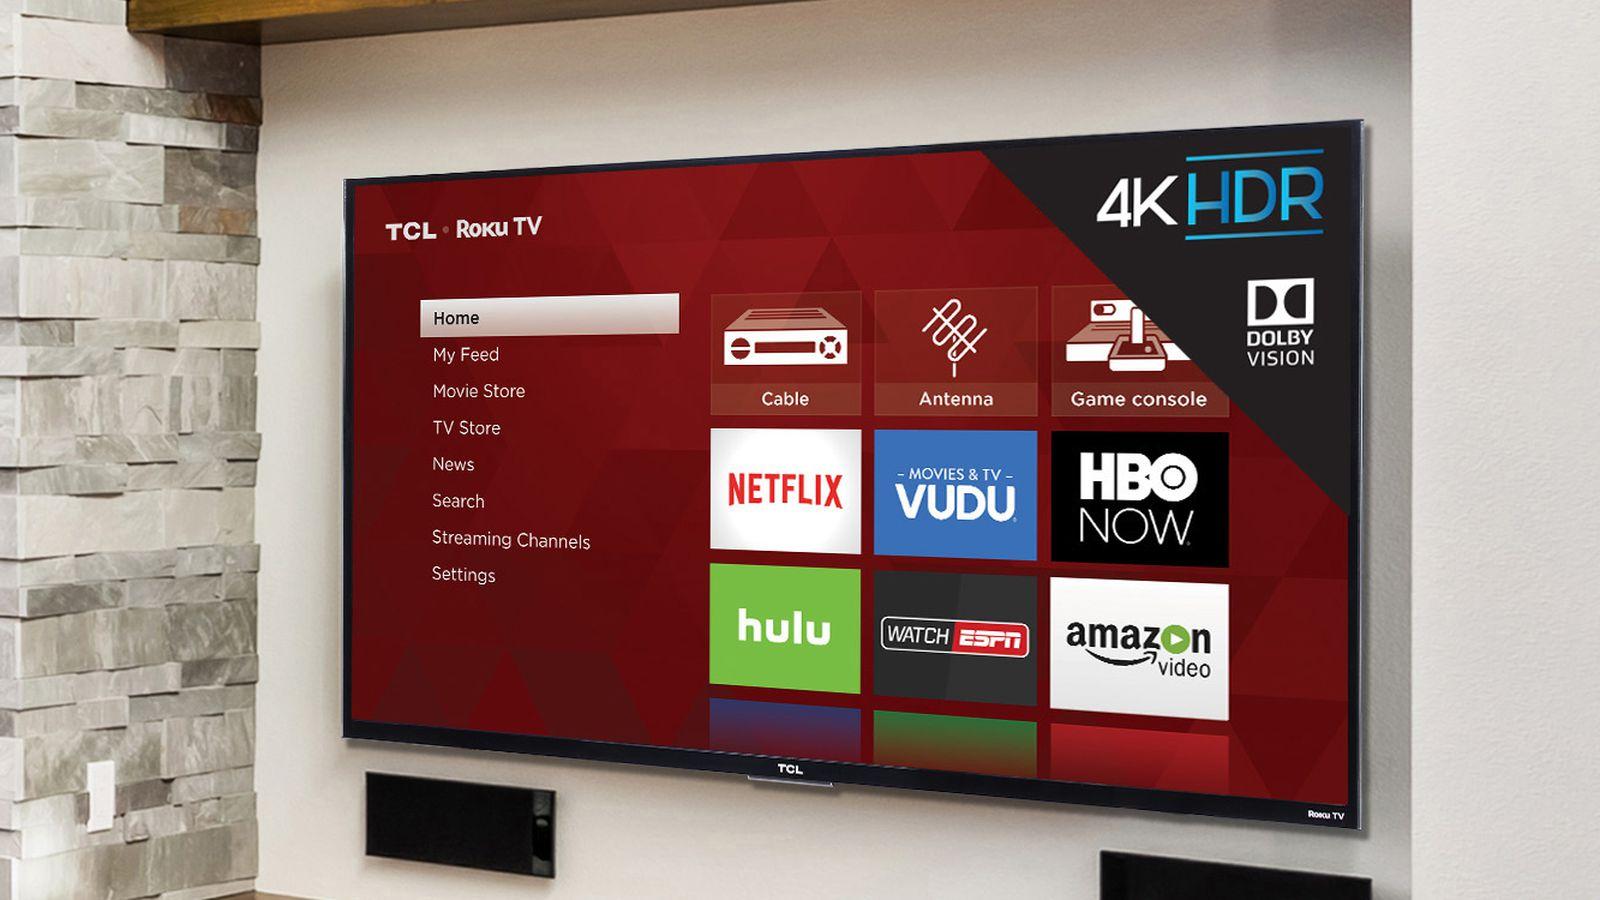 tcl s latest roku tvs make 4k and dolby vision hdr super. Black Bedroom Furniture Sets. Home Design Ideas